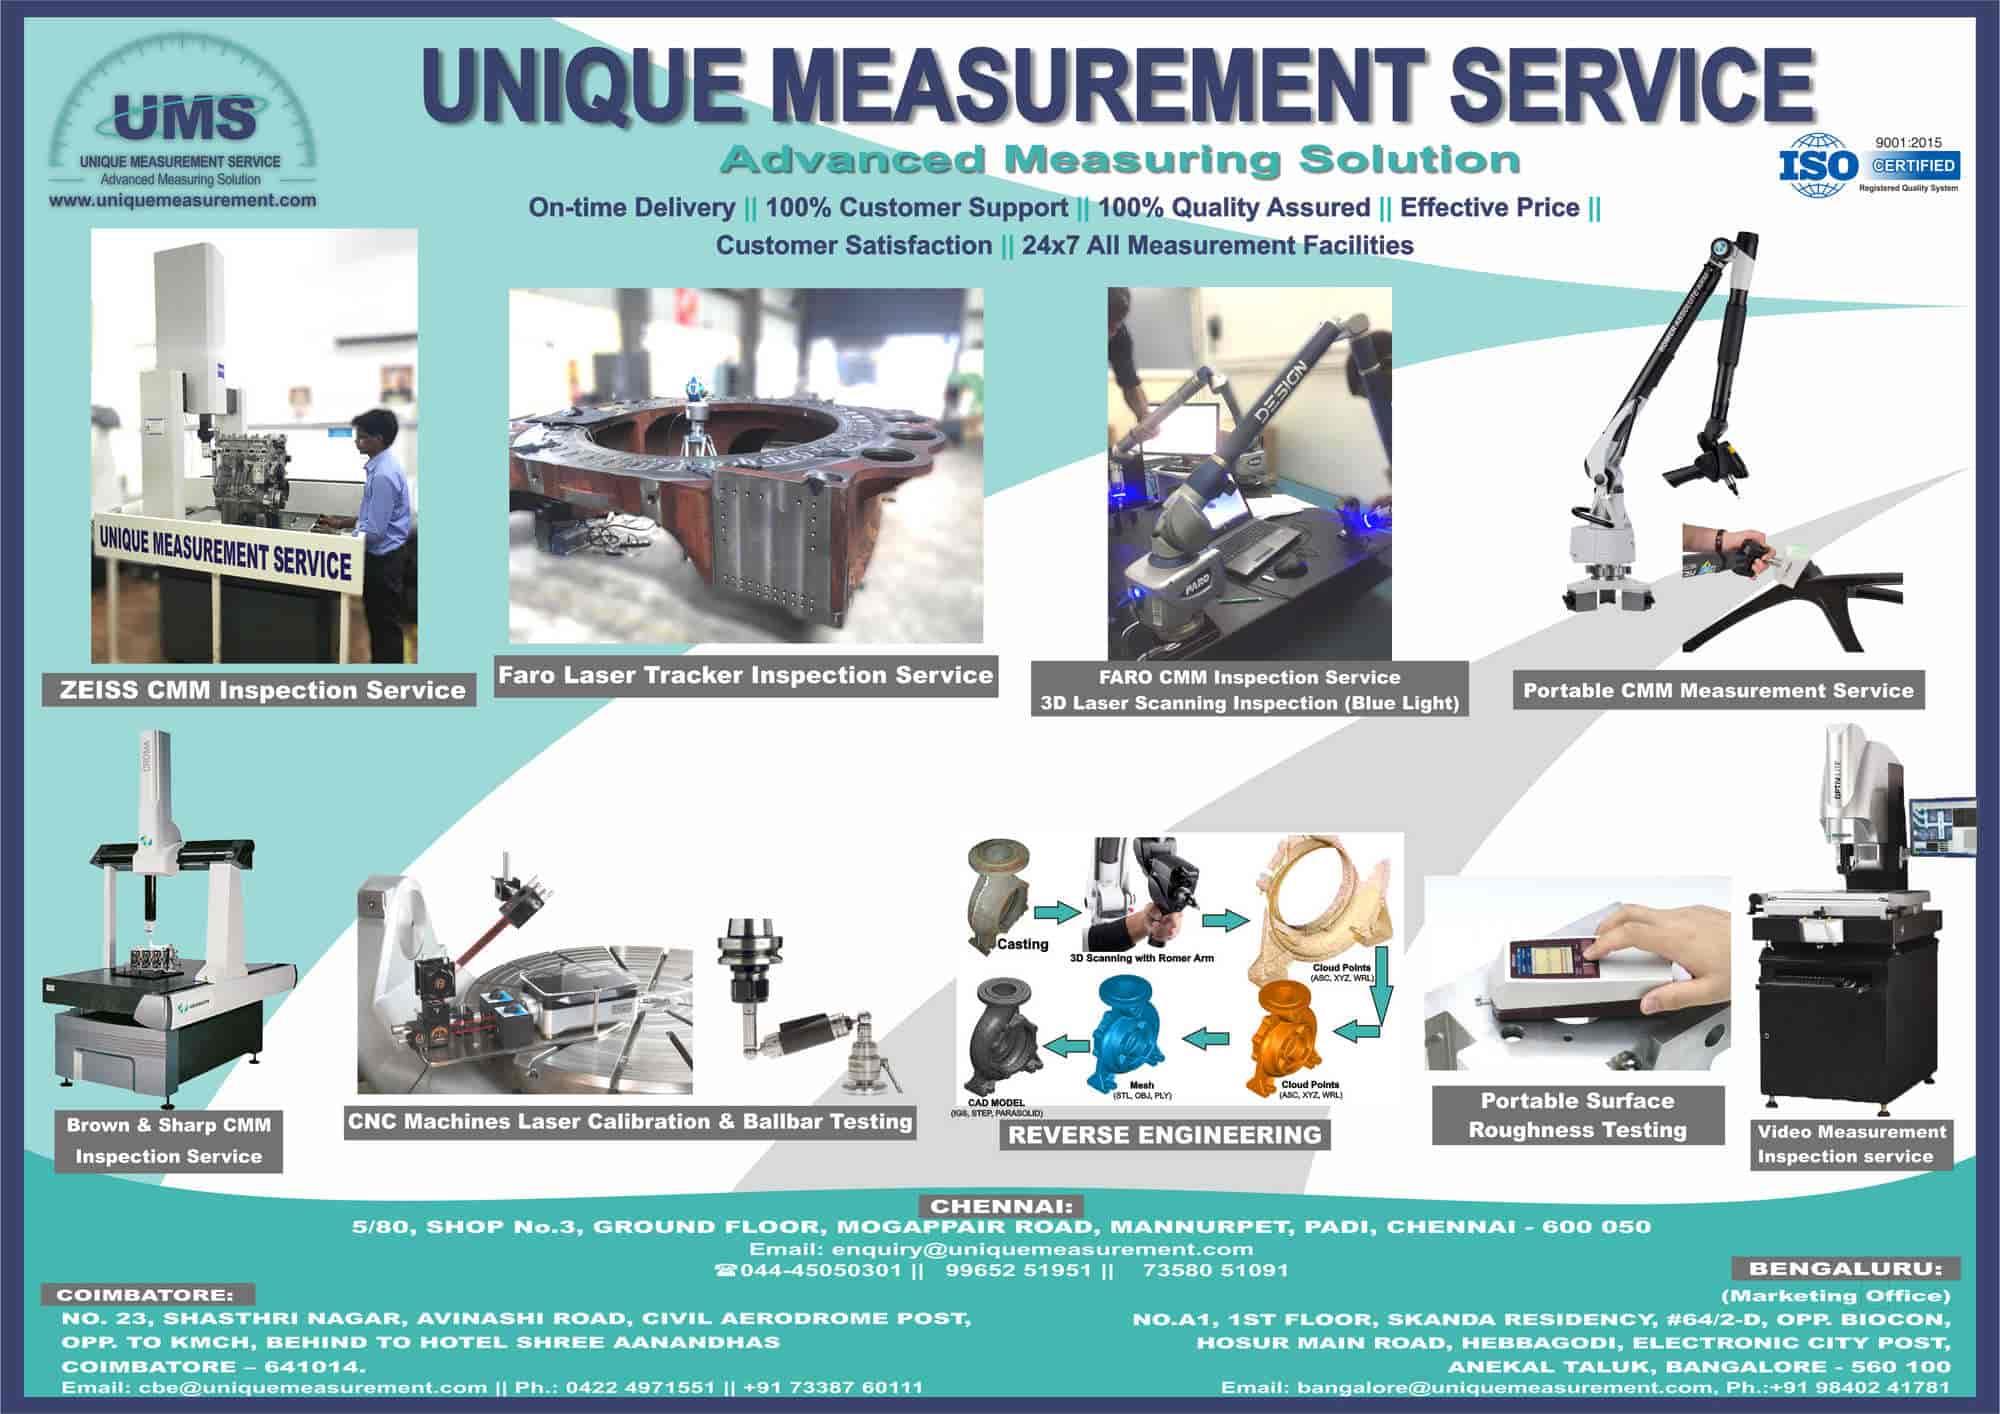 Unique Measurement Service, Padi - Cmm Inspection Services in